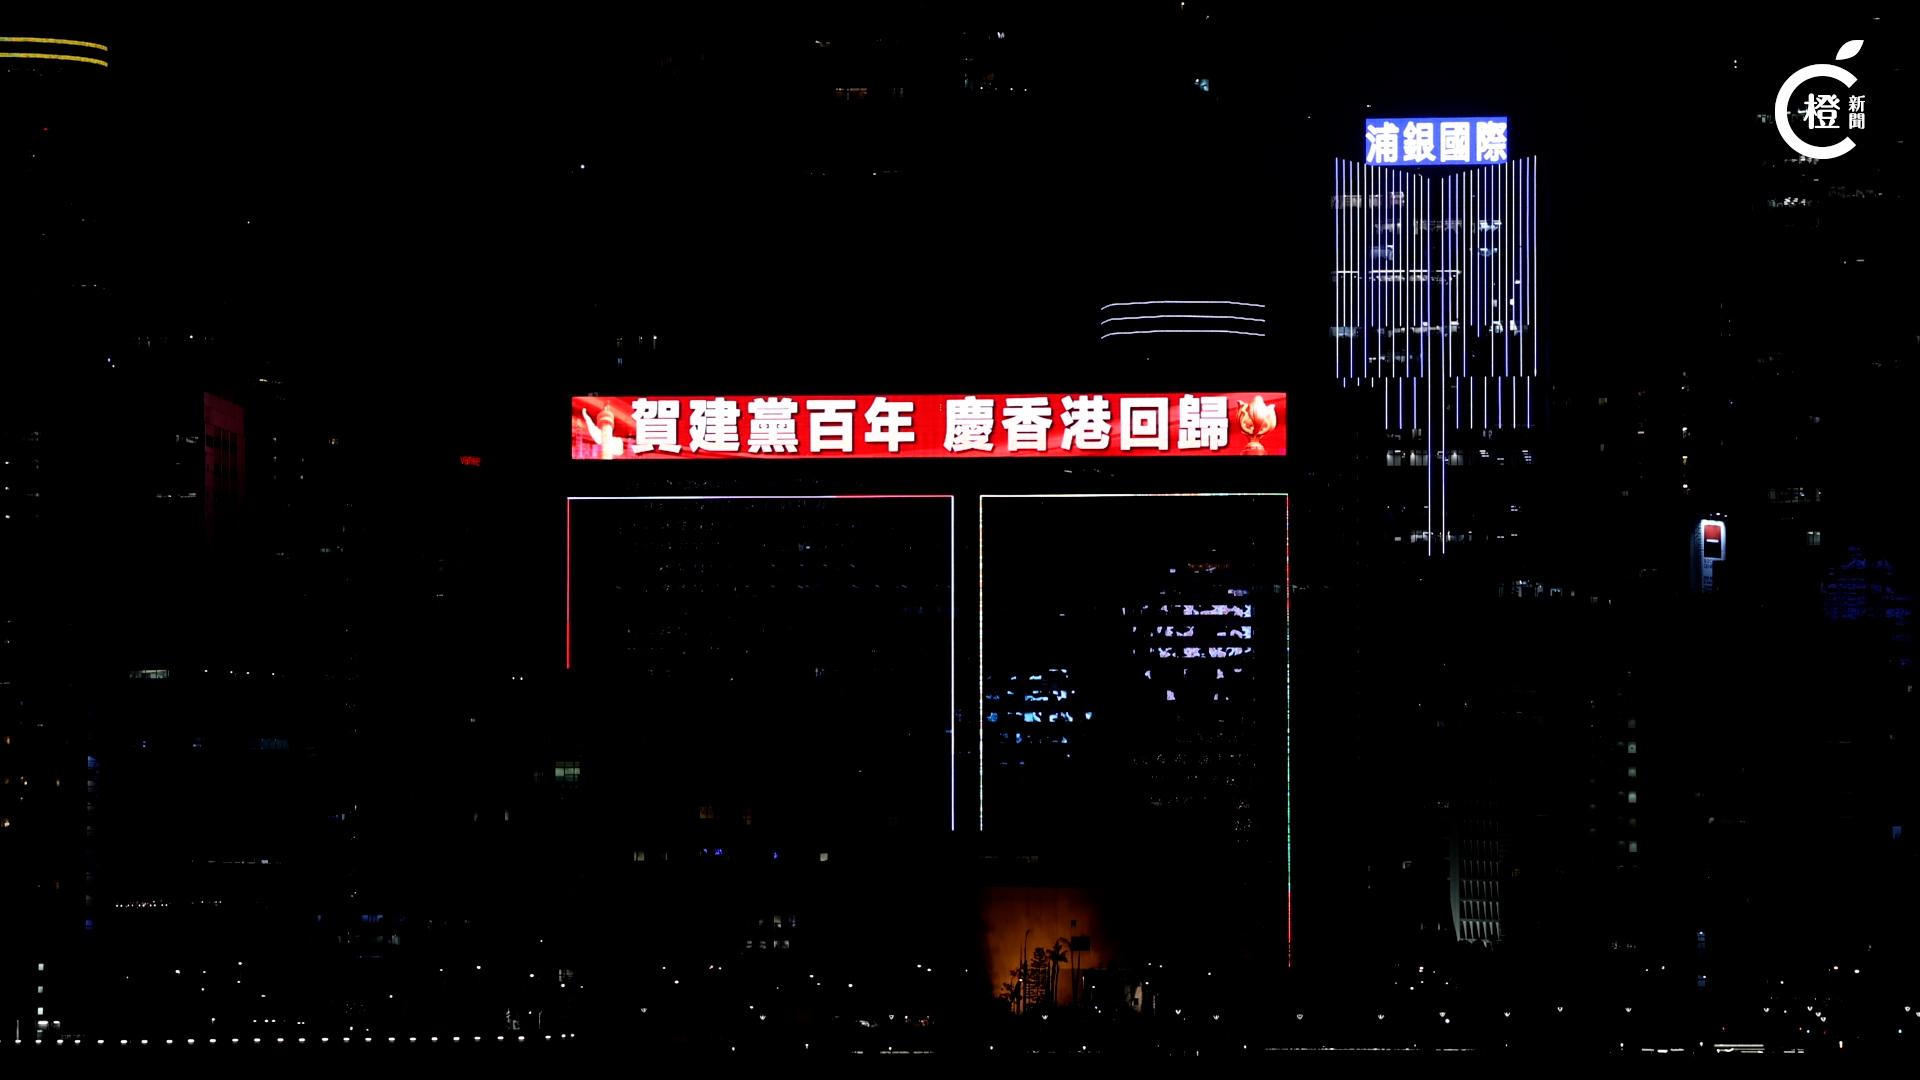 【有片】大廈LED展示標語賀建黨百年慶香港回歸 點亮維港兩岸